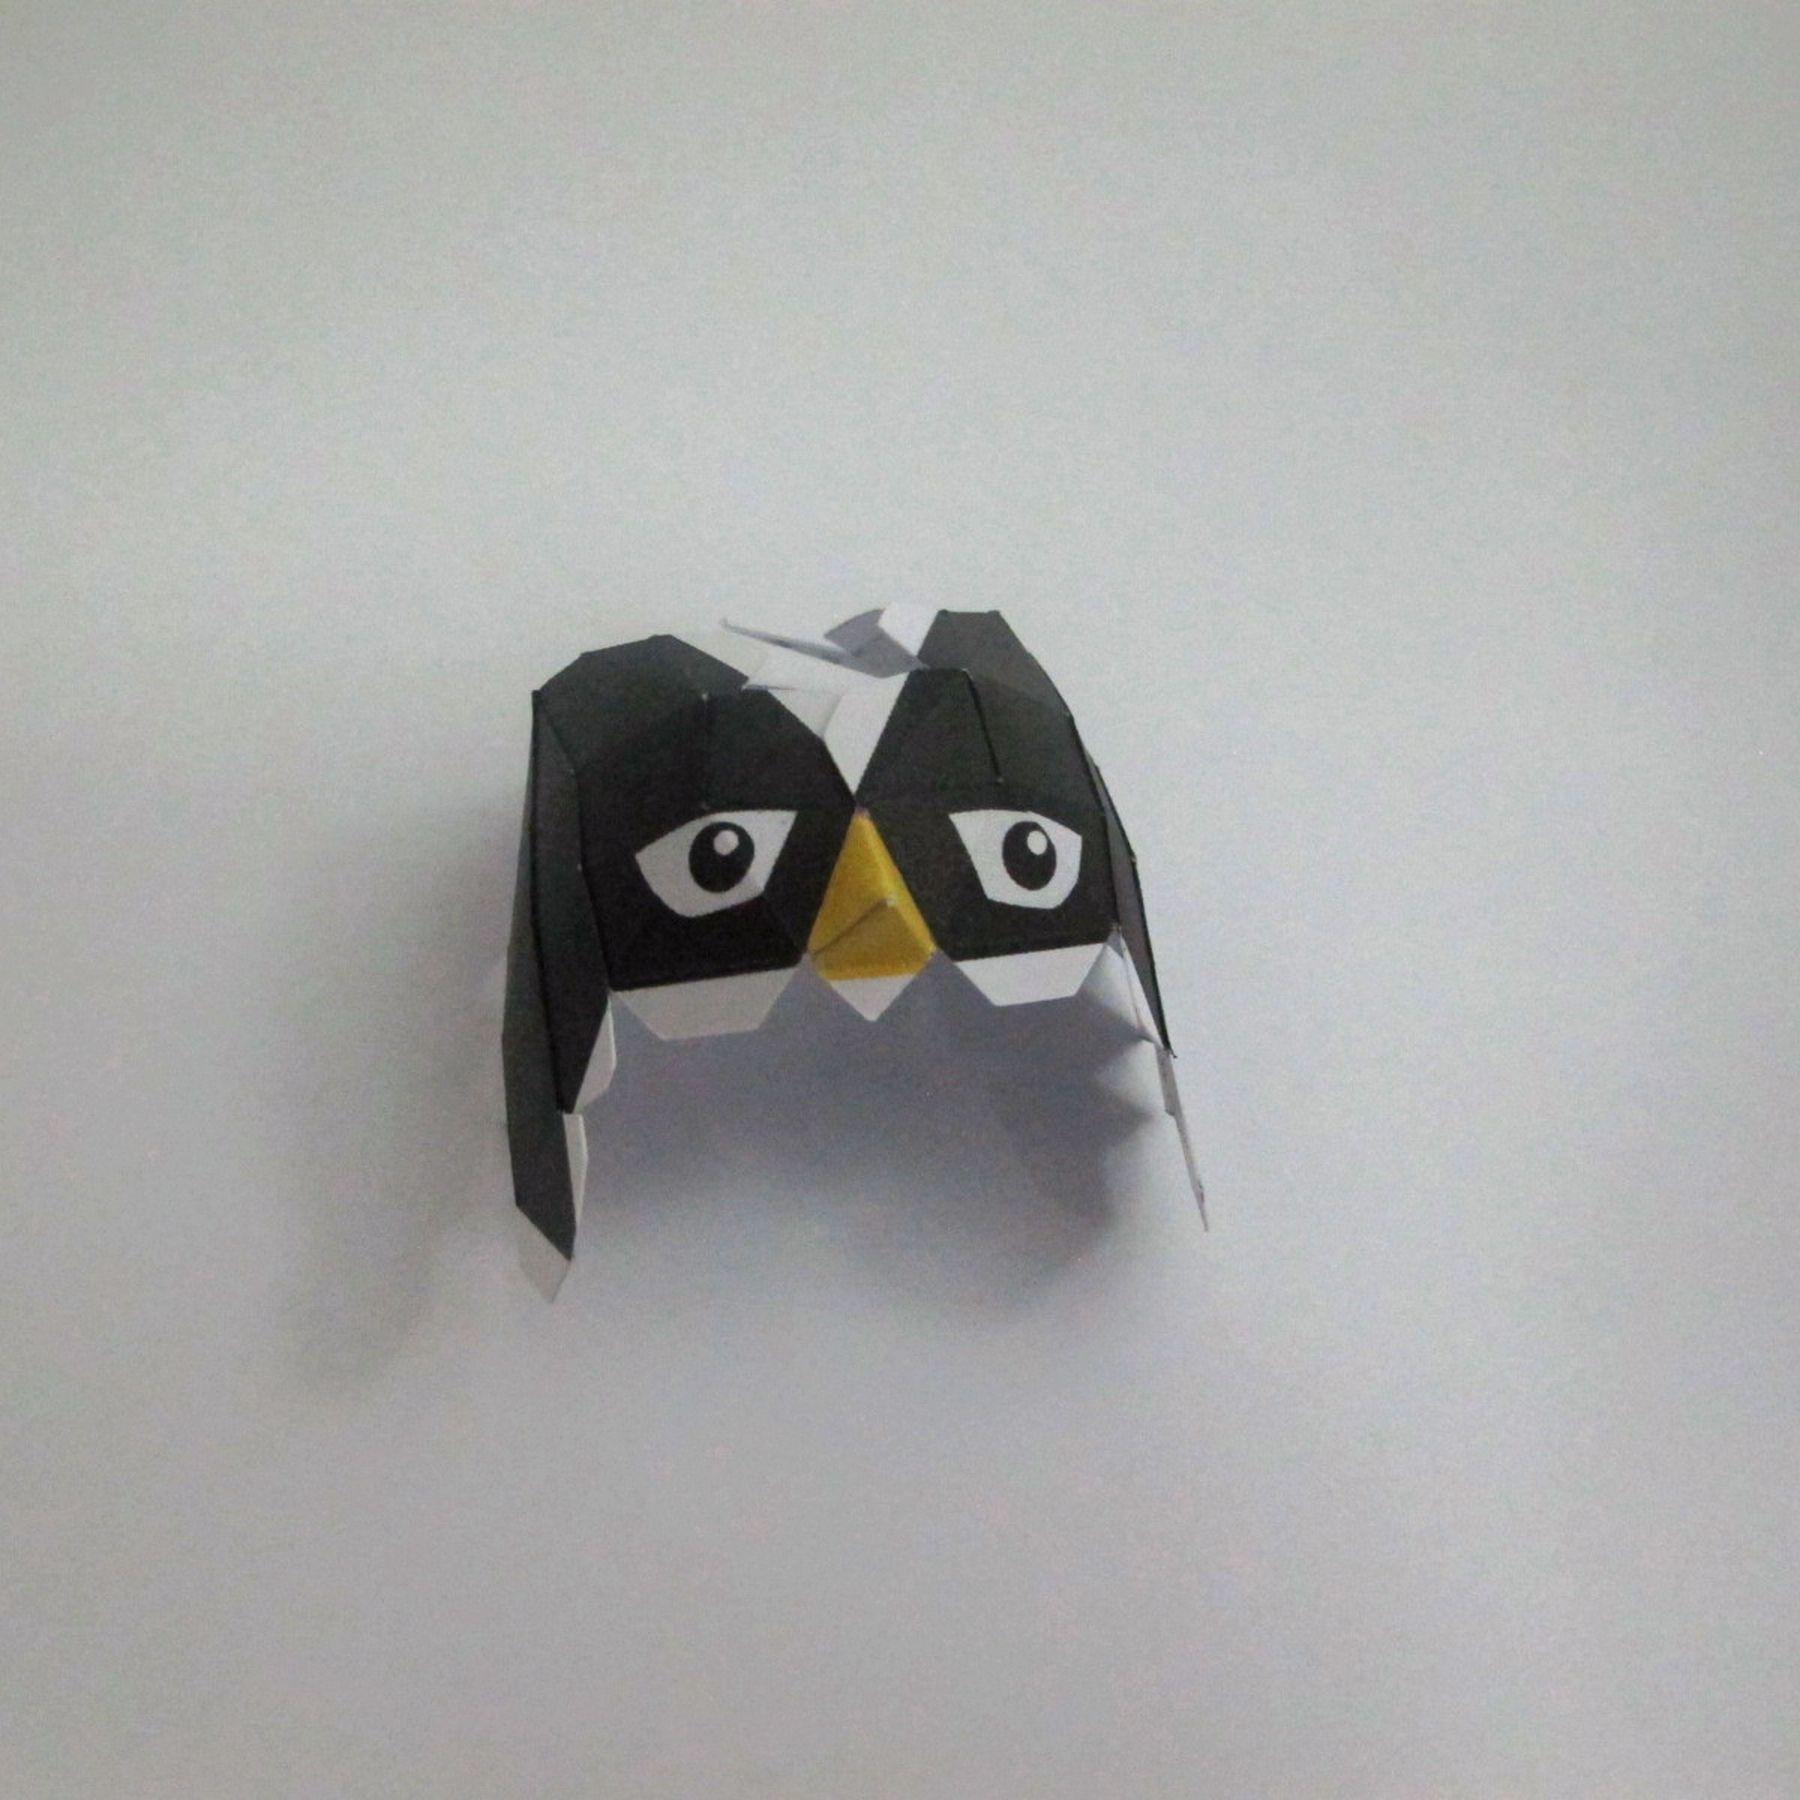 วิธีทำของเล่นโมเดลกระดาษ วูฟเวอรีน (Chibi Wolverine Papercraft Model) 014